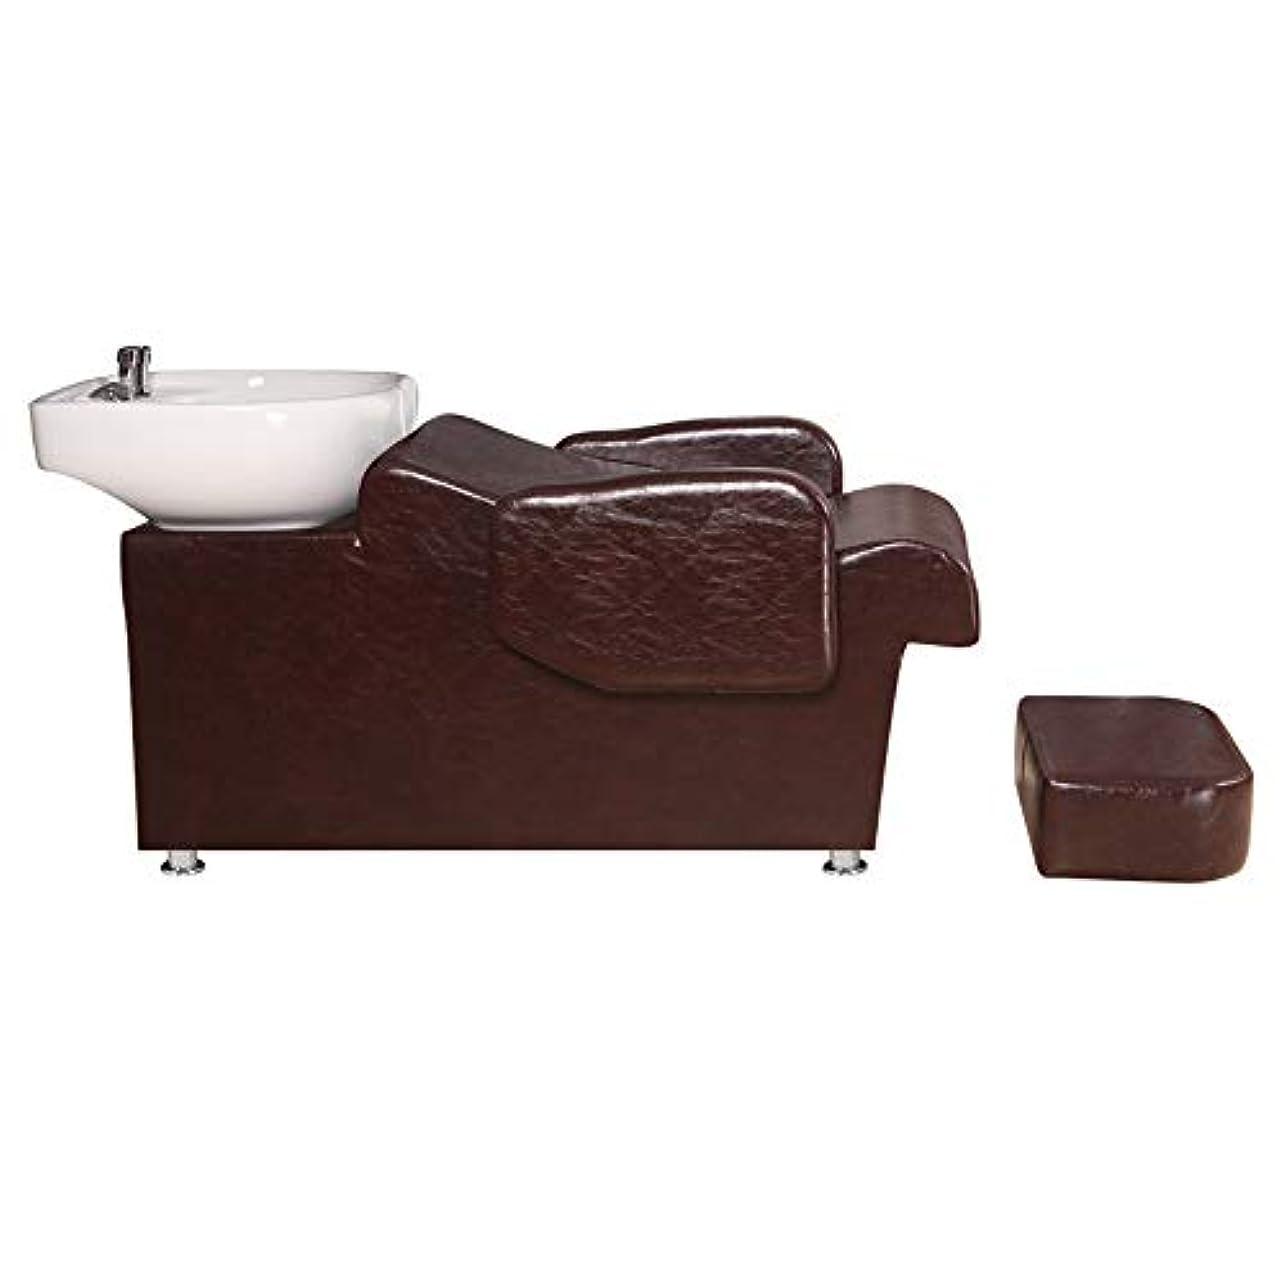 セブン勇者未接続シャンプーの理髪師の逆洗の椅子、鉱泉の美容院のためのシャンプーボールの流しの椅子半横たわっている鉱泉の美容院装置